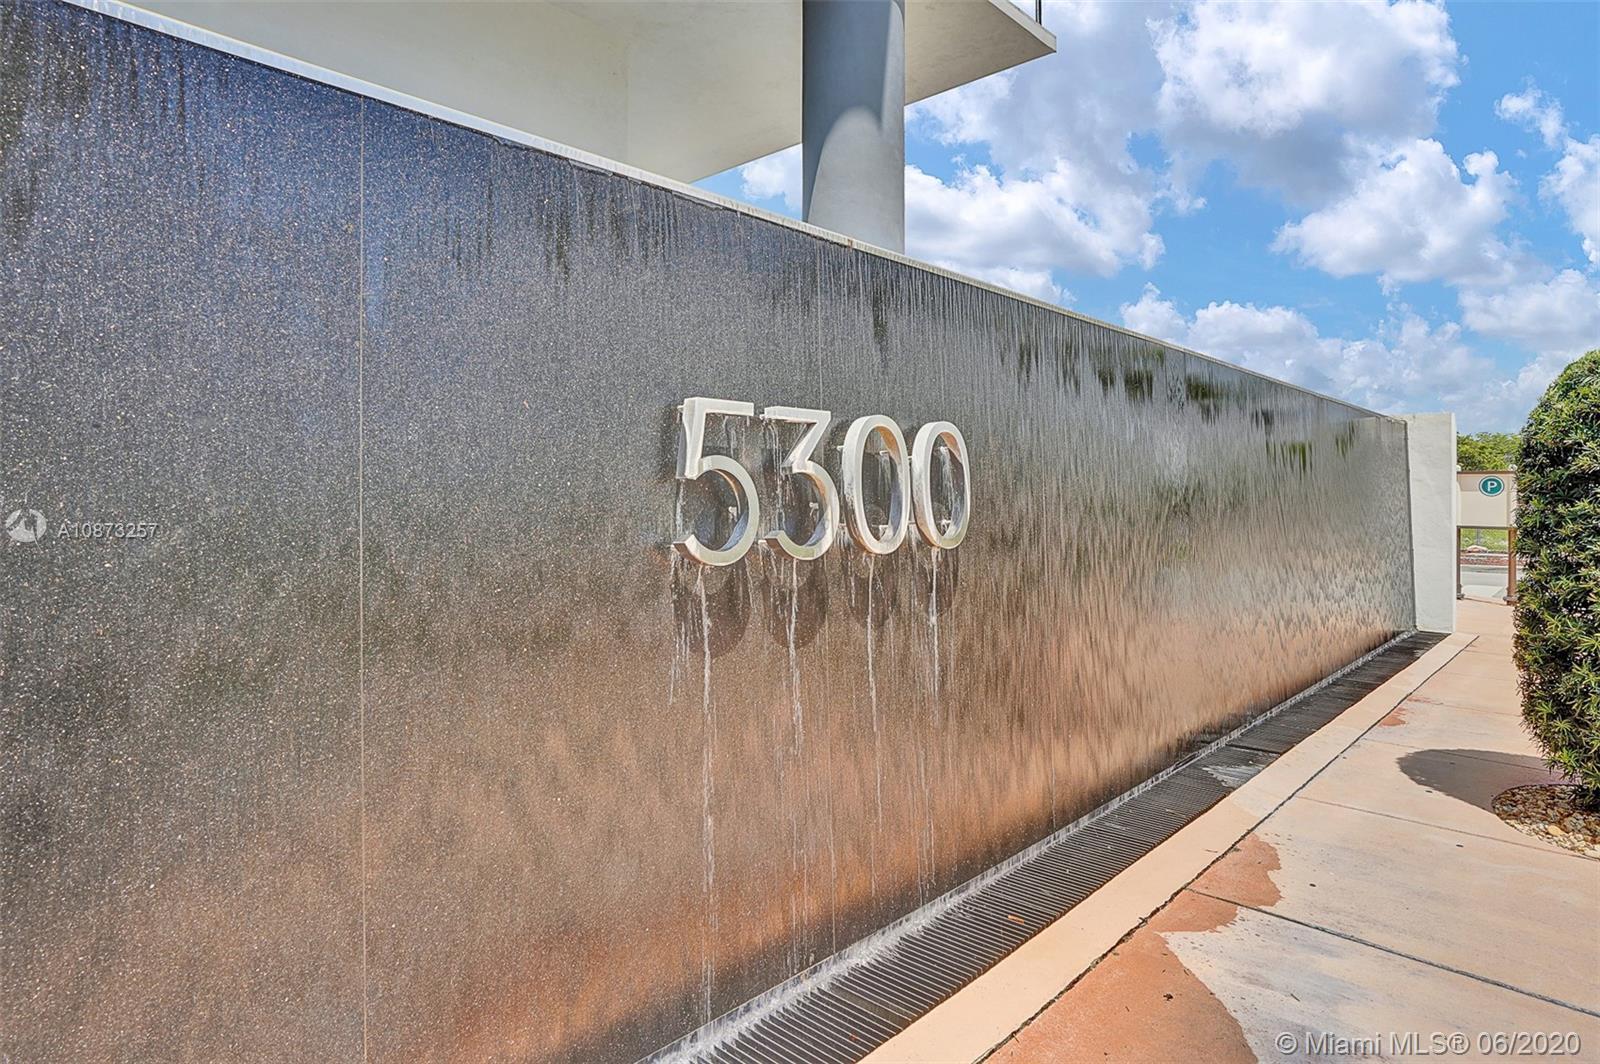 5300 Paseo #1814 - 5300 Paseo Blvd #1814, Doral, FL 33166